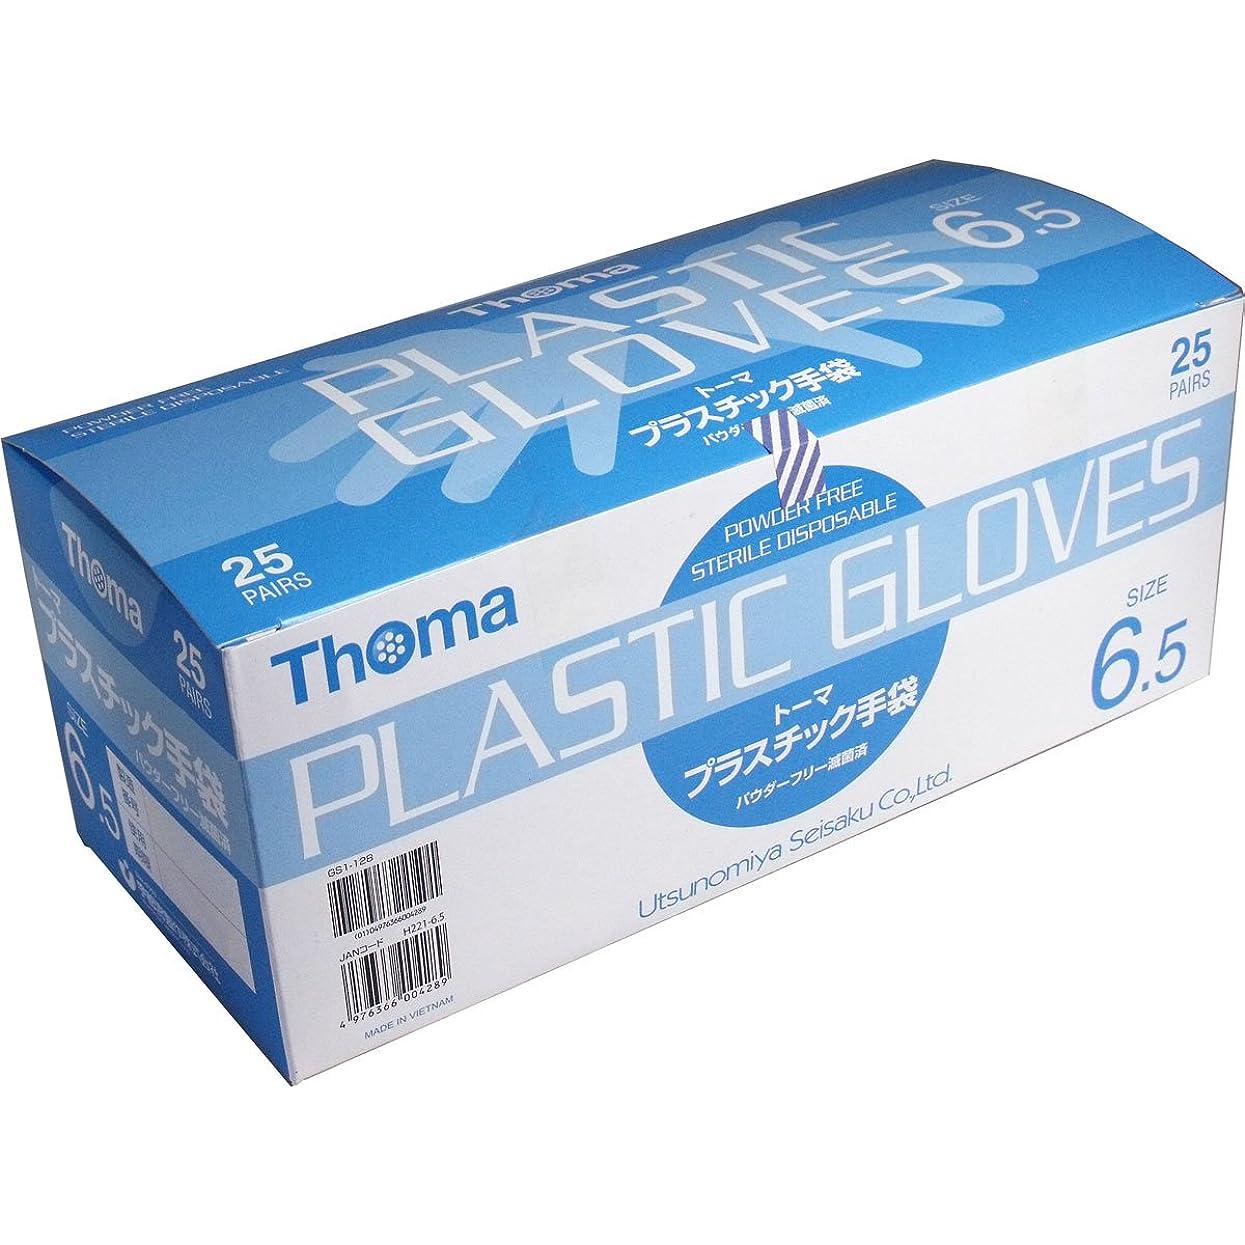 前者優越強風超薄手プラスチック手袋 1双毎に滅菌包装、衛生的 便利 トーマ プラスチック手袋 パウダーフリー滅菌済 25双入 サイズ6.5